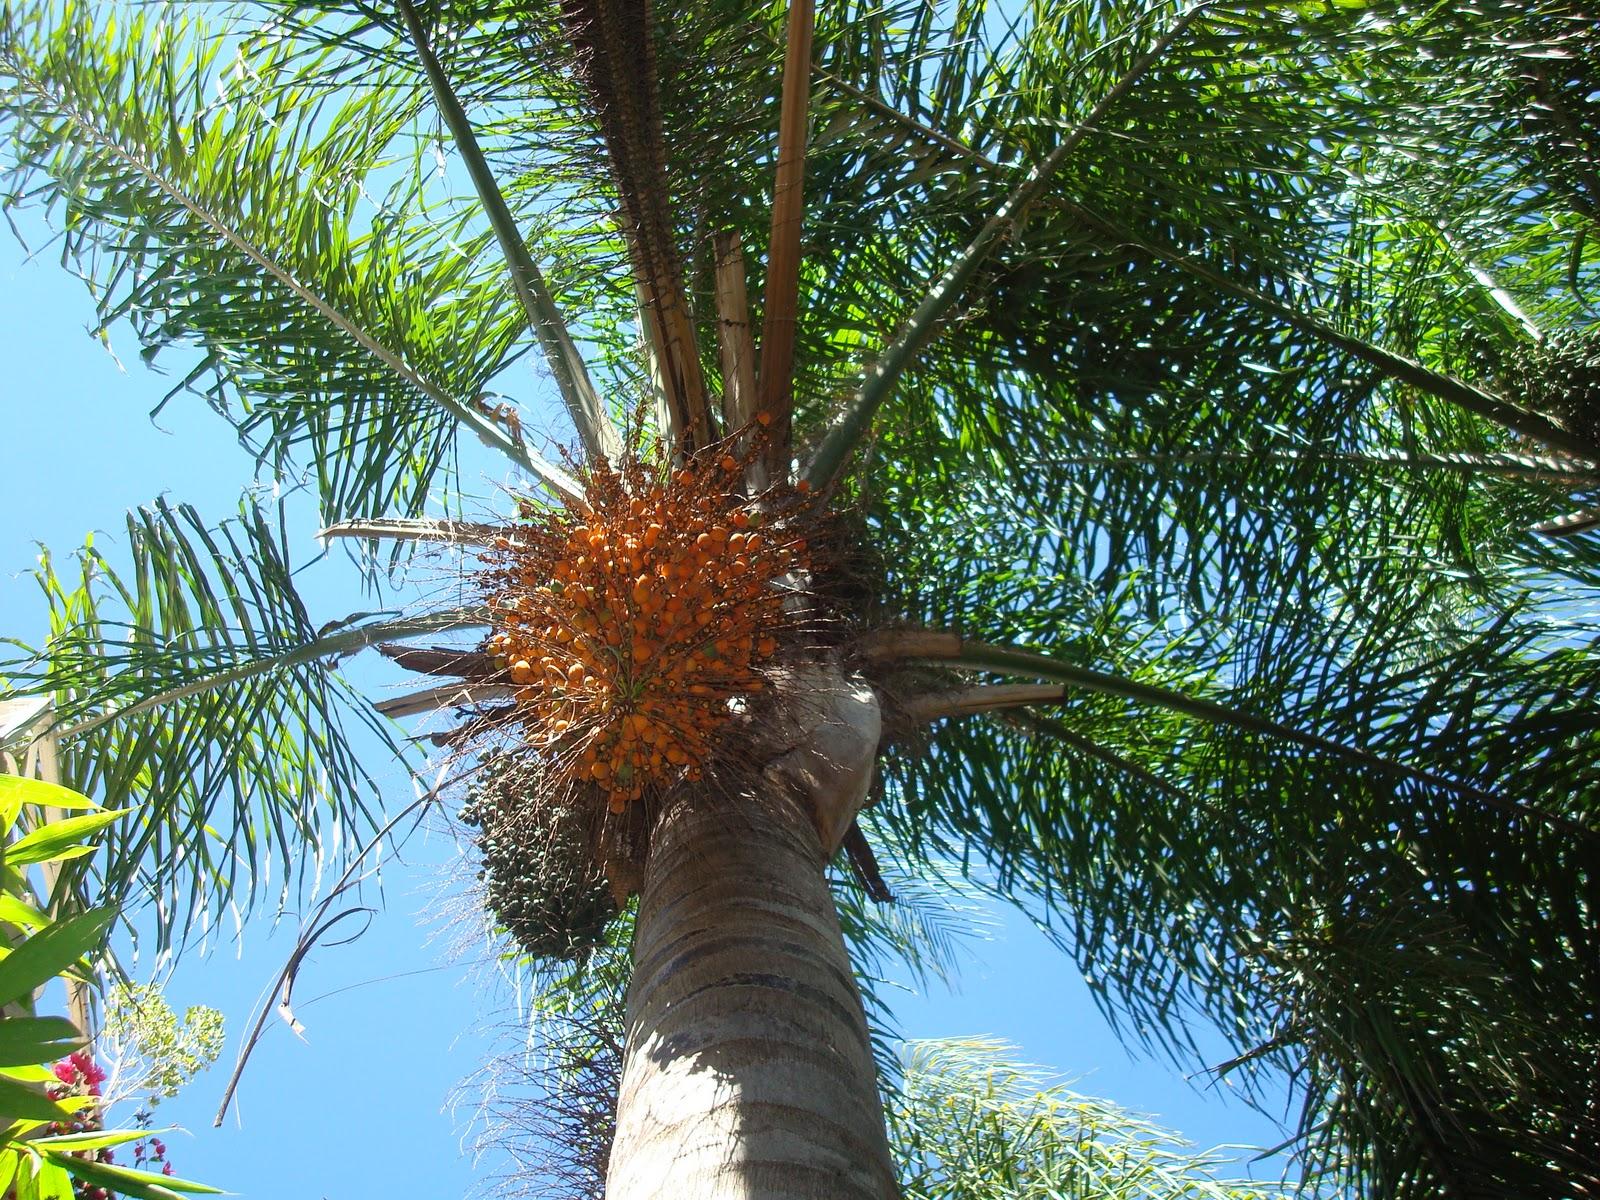 sancarlosfortin fruto datilero de la palma de coco plumoso en el jardin de marilu en zapopan. Black Bedroom Furniture Sets. Home Design Ideas